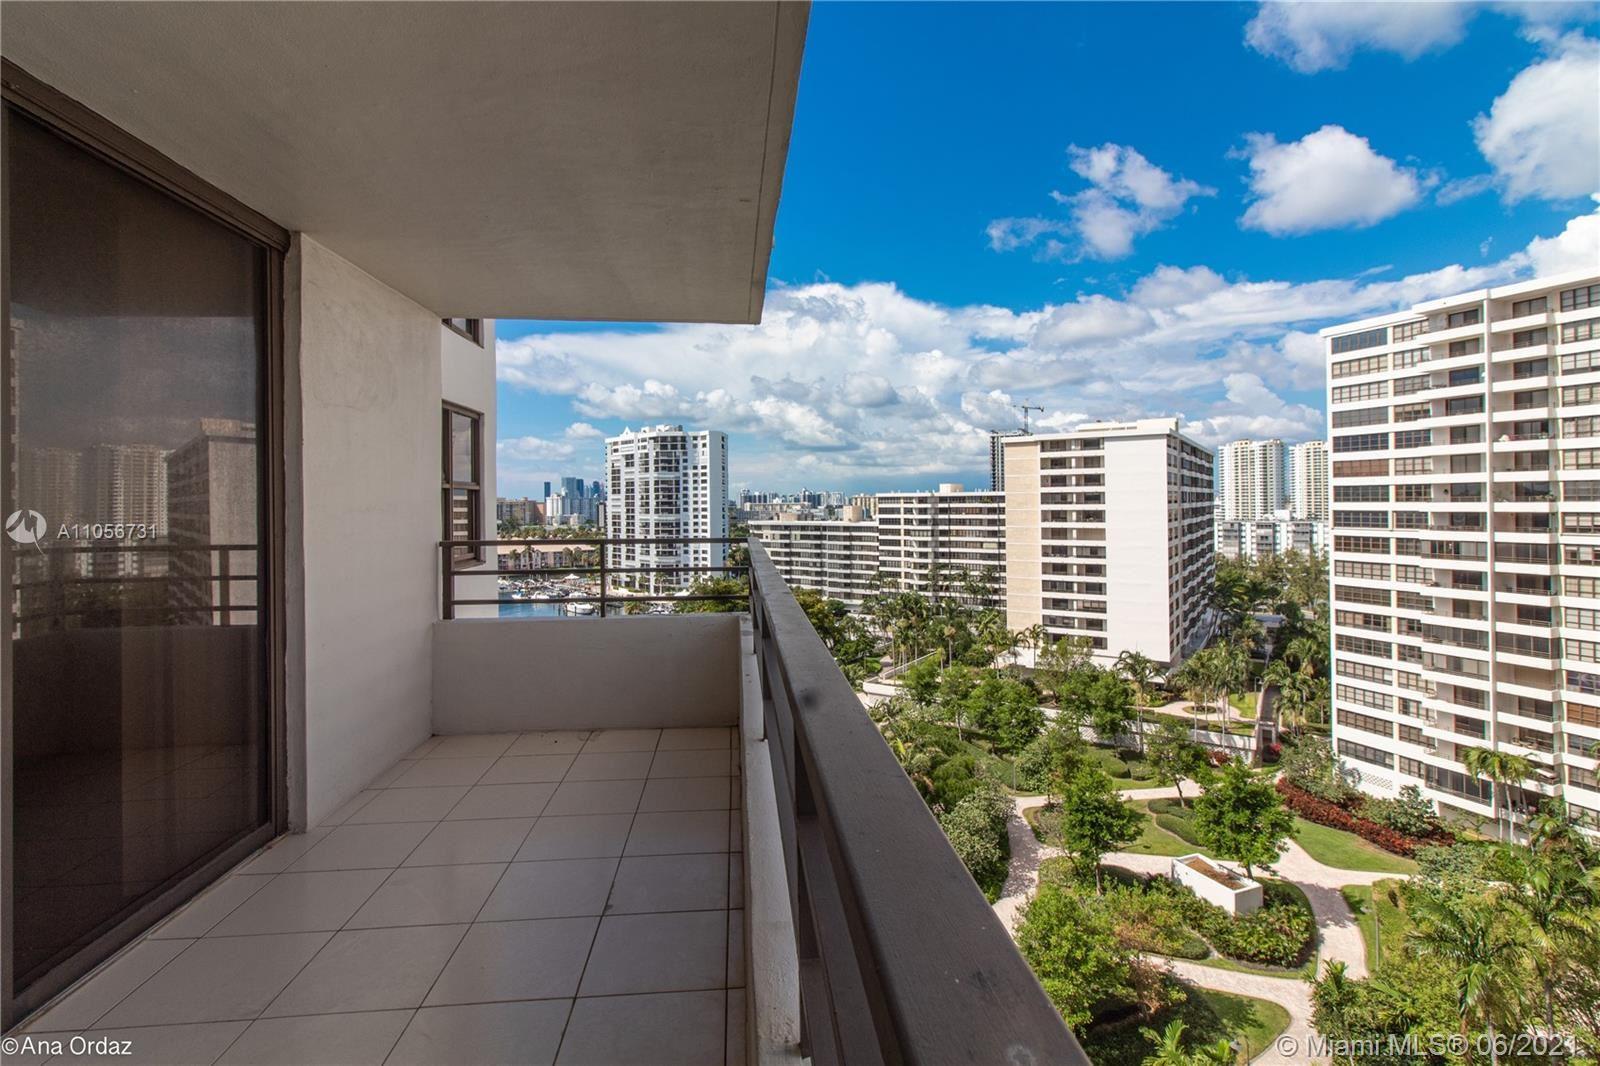 2500 Parkview Dr #1414, Hallandale Beach, FL 33009 - #: A11056731